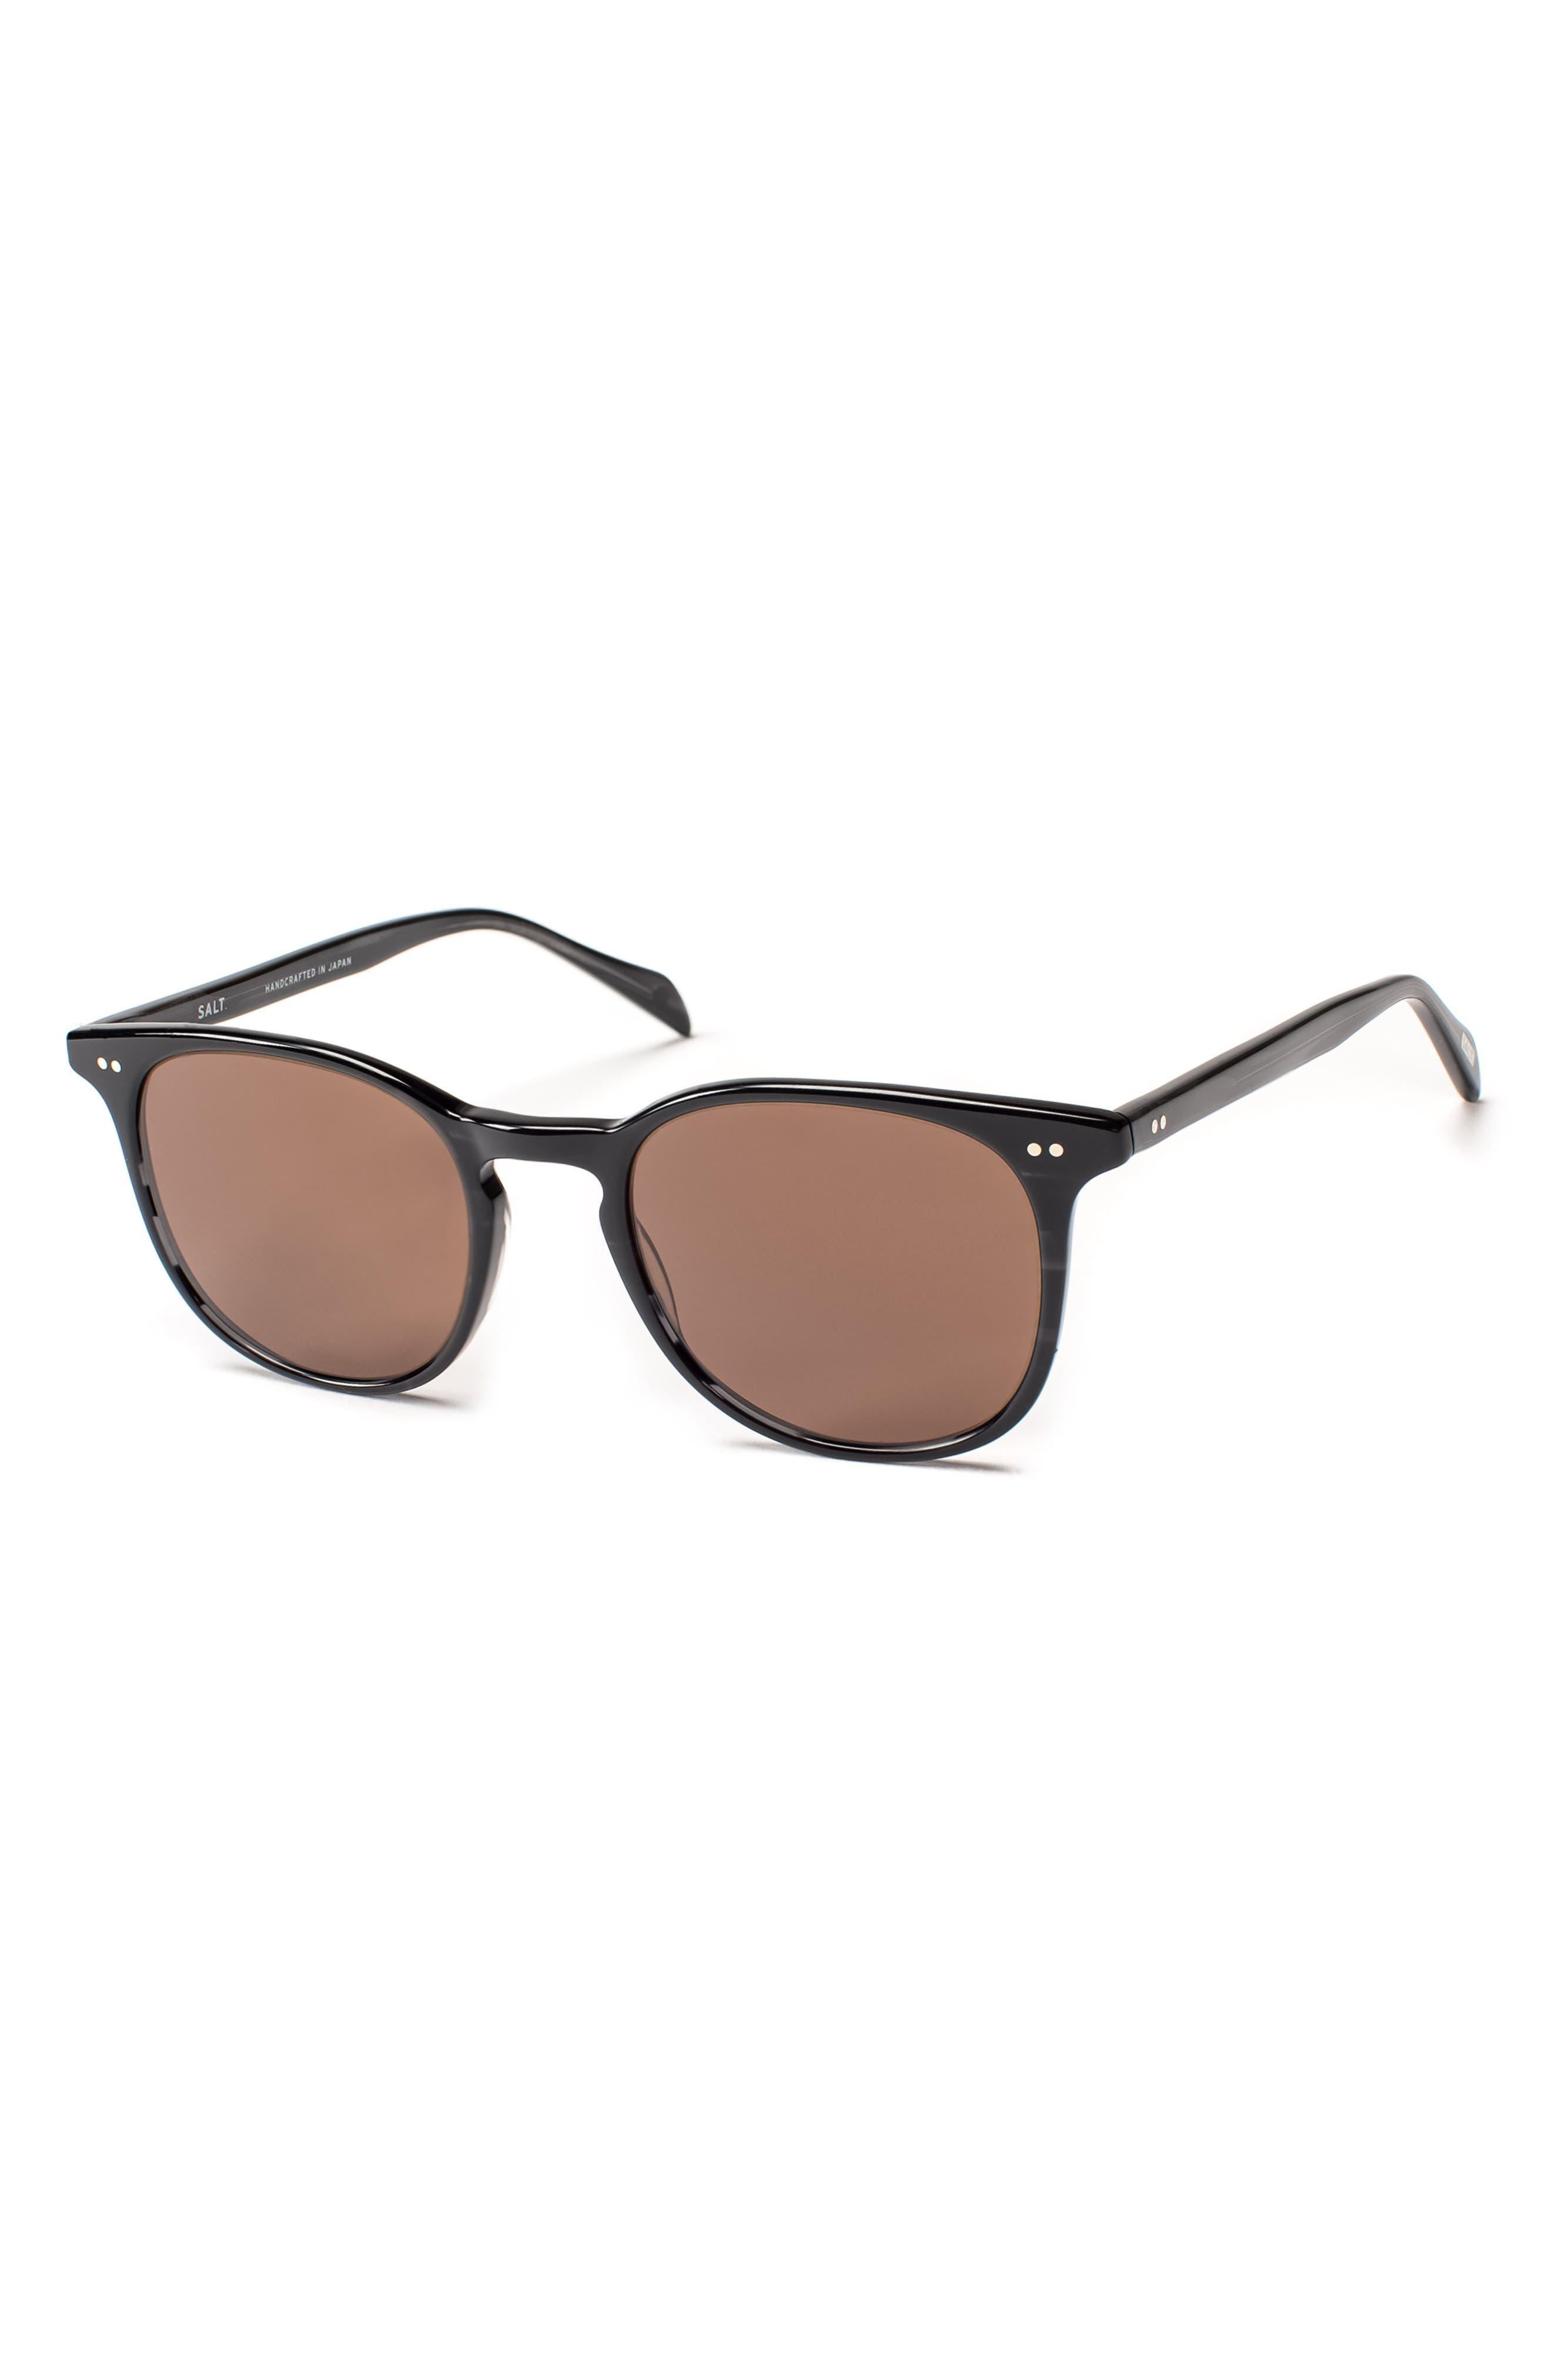 Trevor 49mm Polarized Sunglasses,                             Main thumbnail 1, color,                             BLACK